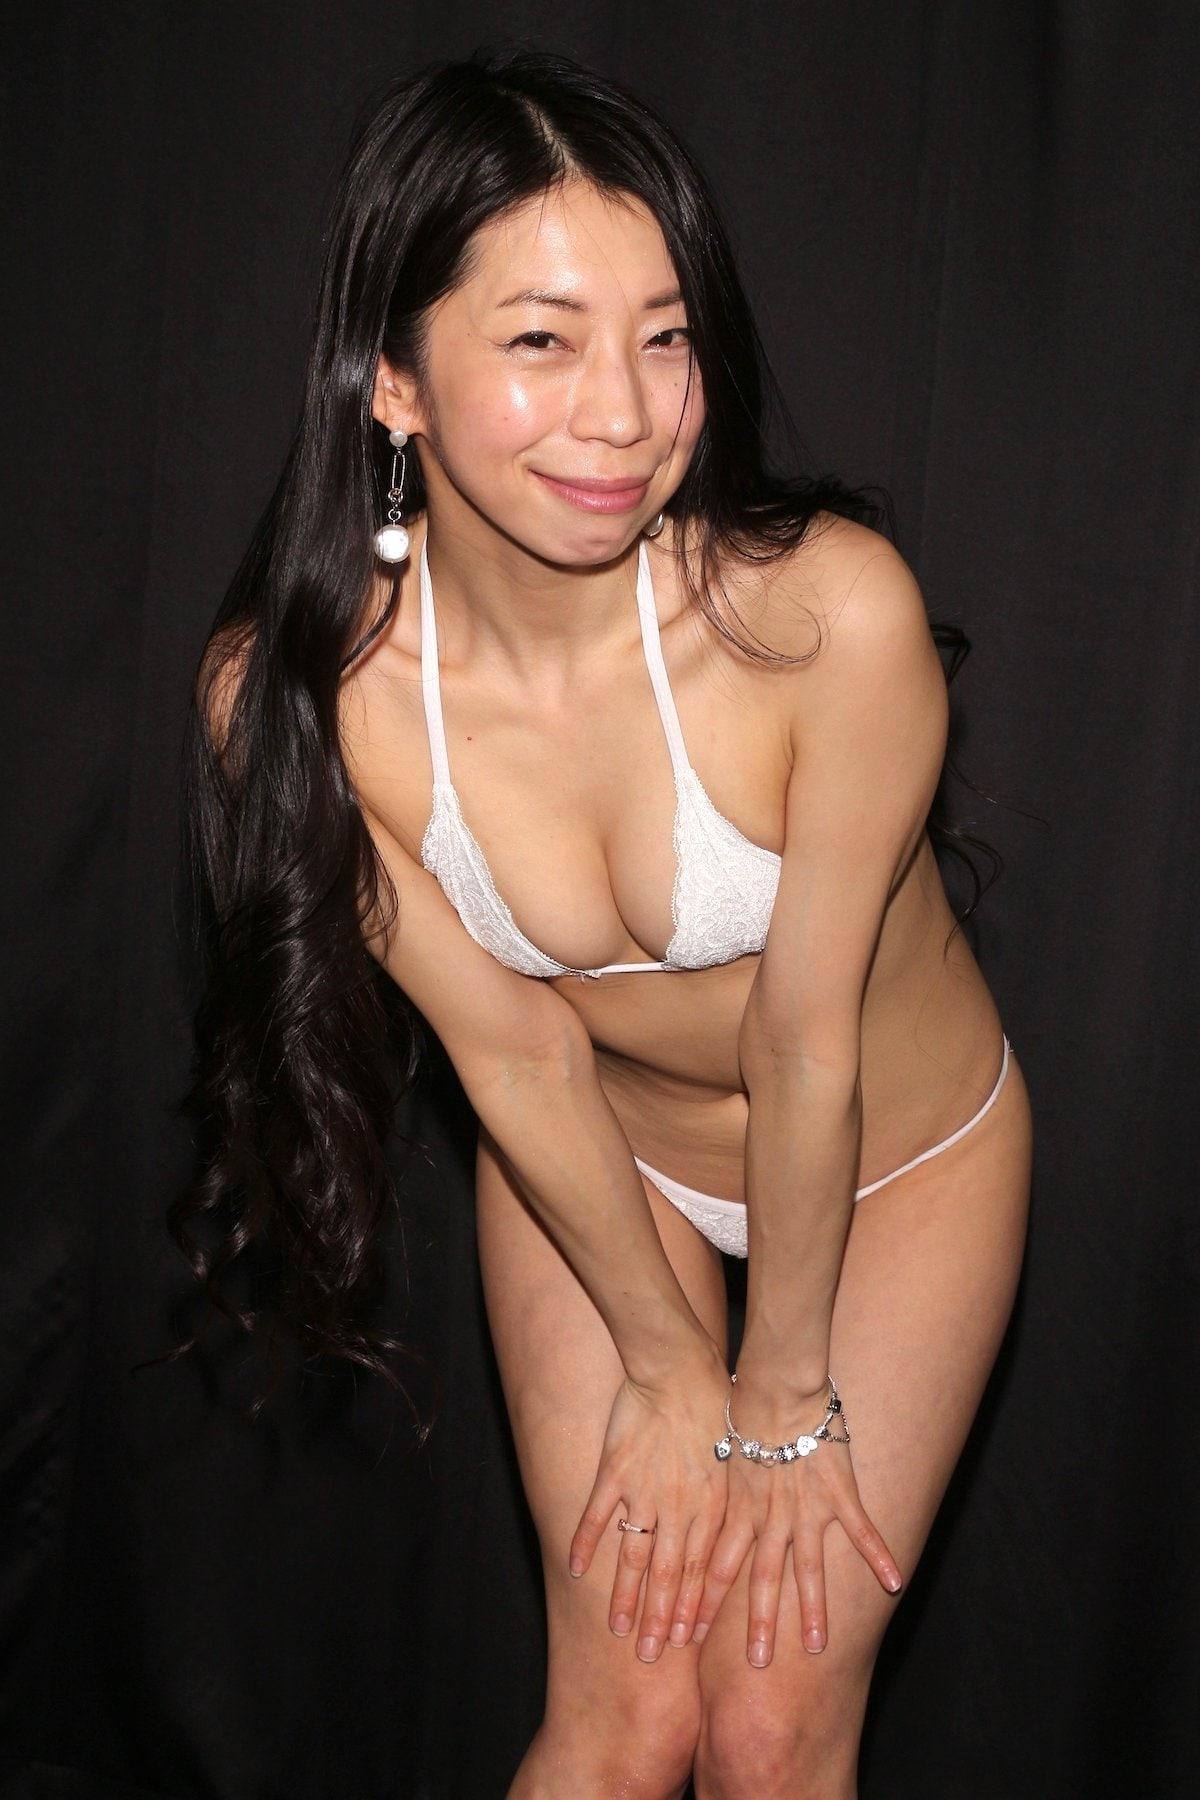 岩崎真奈「ベンチの縁にこすったり」私史上最高にセクシー【画像50枚】の画像030